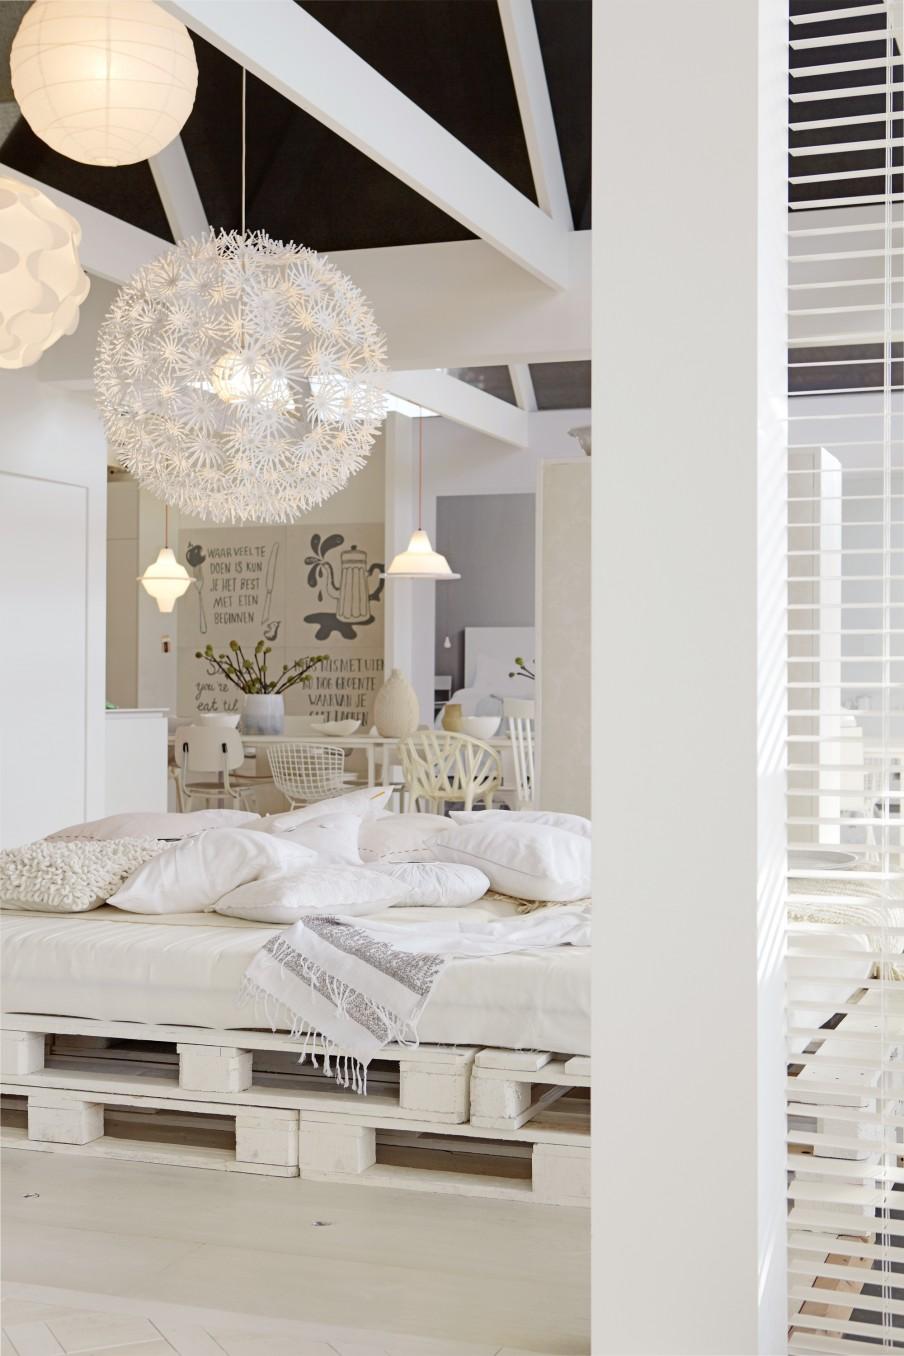 Perabot pallet yang di cat putih nampak lebih mewah dan bergaya